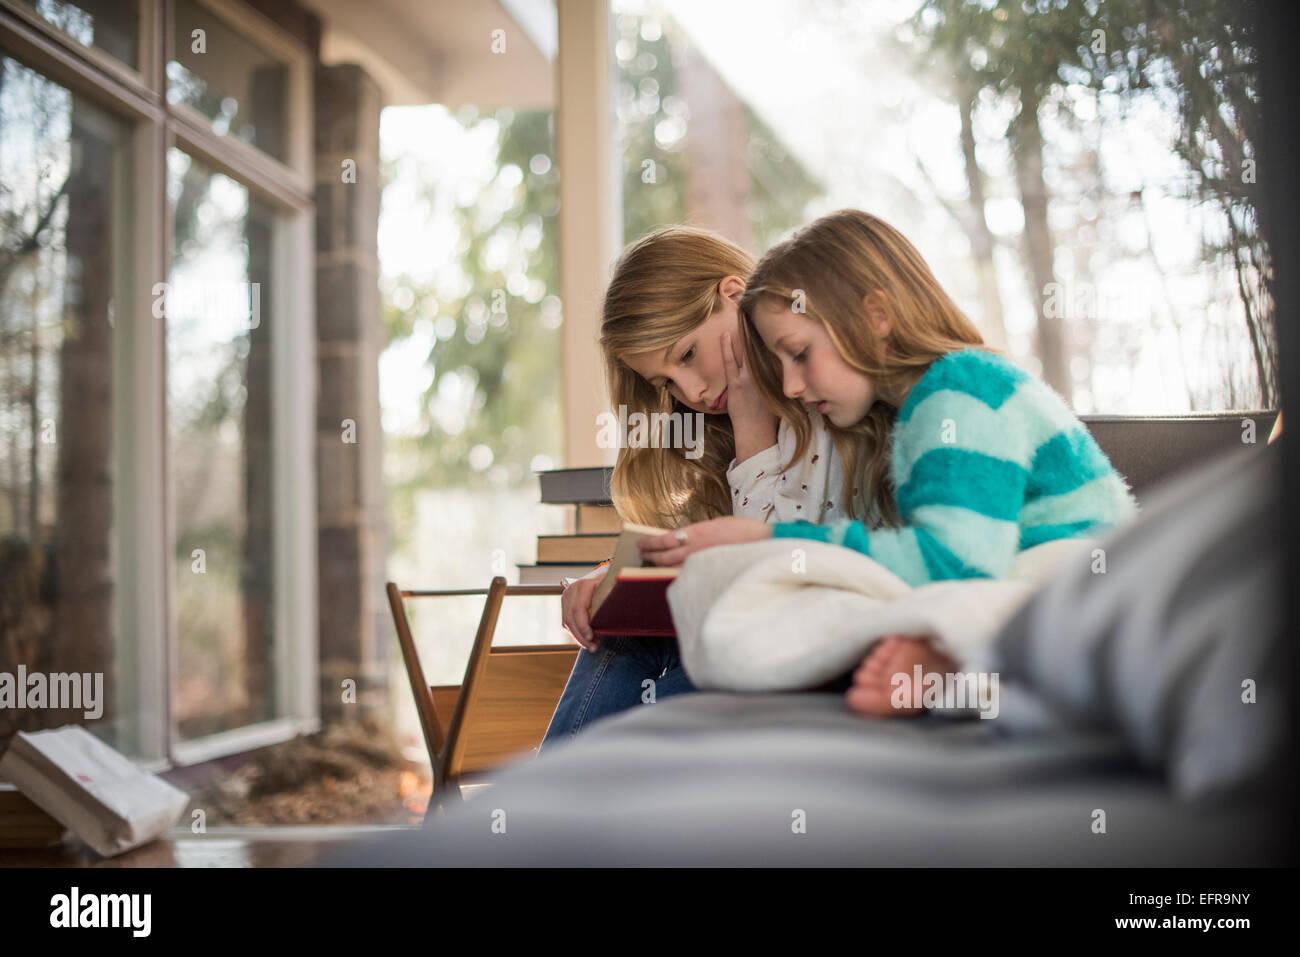 Due ragazze seduto su un divano, la lettura di un libro. Immagini Stock